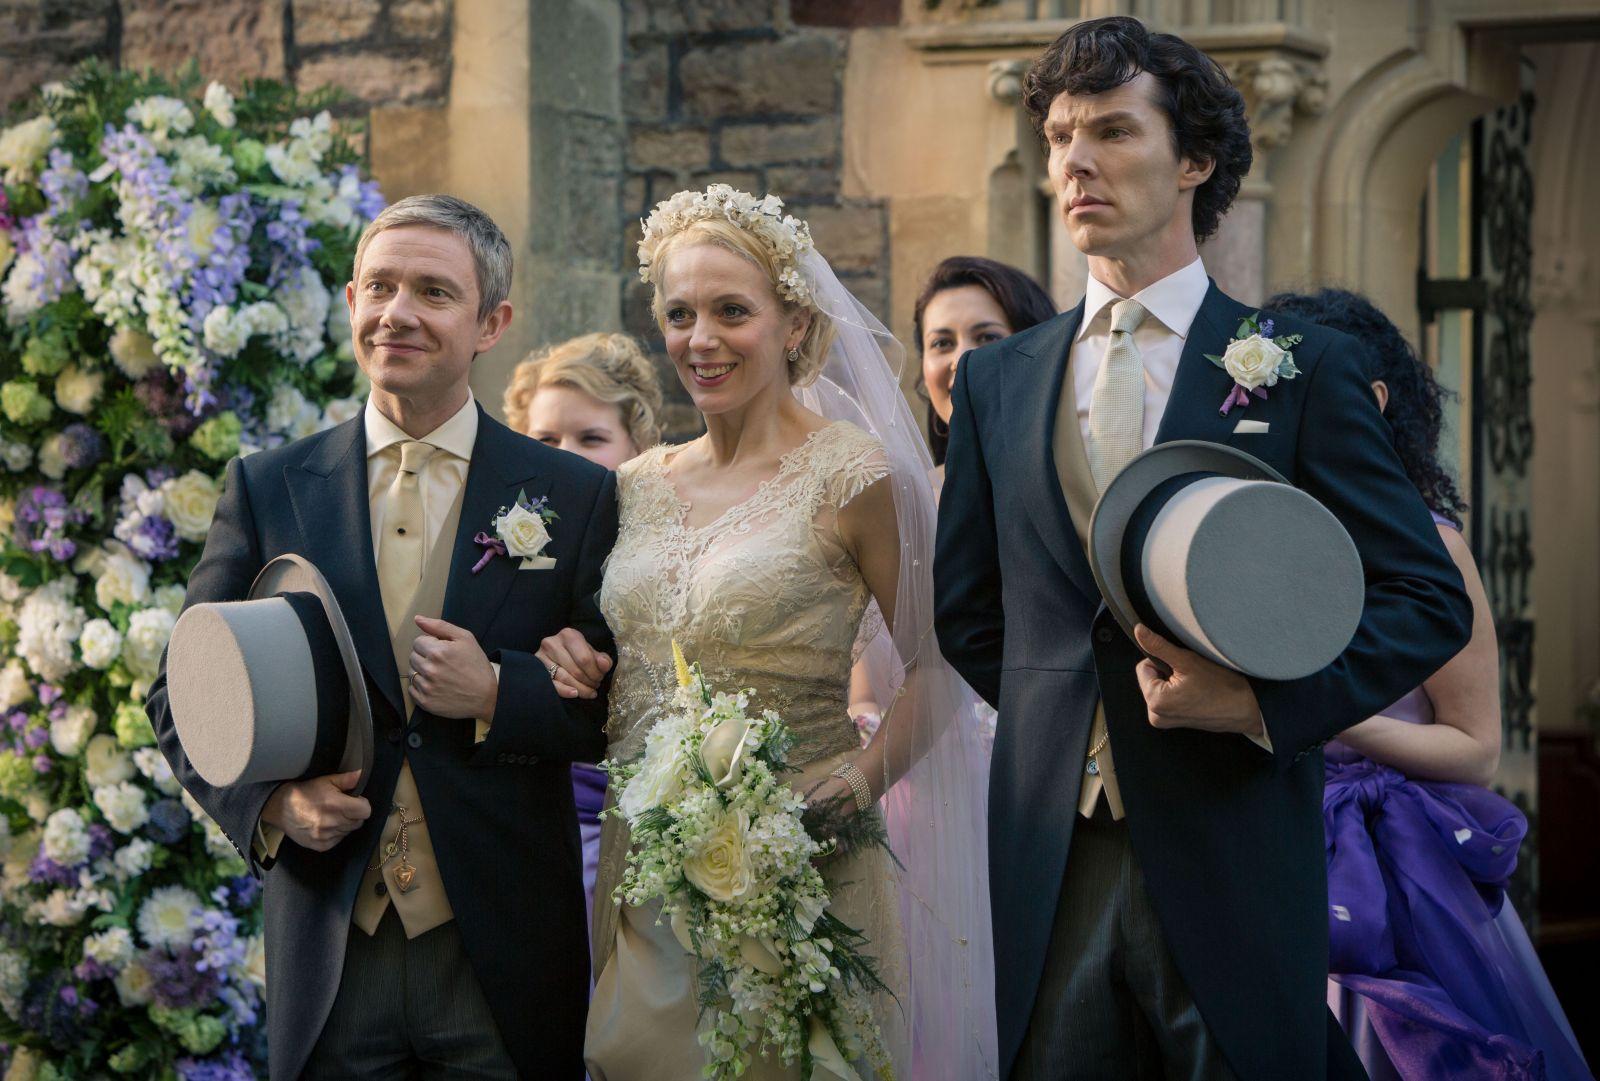 тяжелее поздравление шерлока на свадьбе у ватсона запросу навесное оборудование